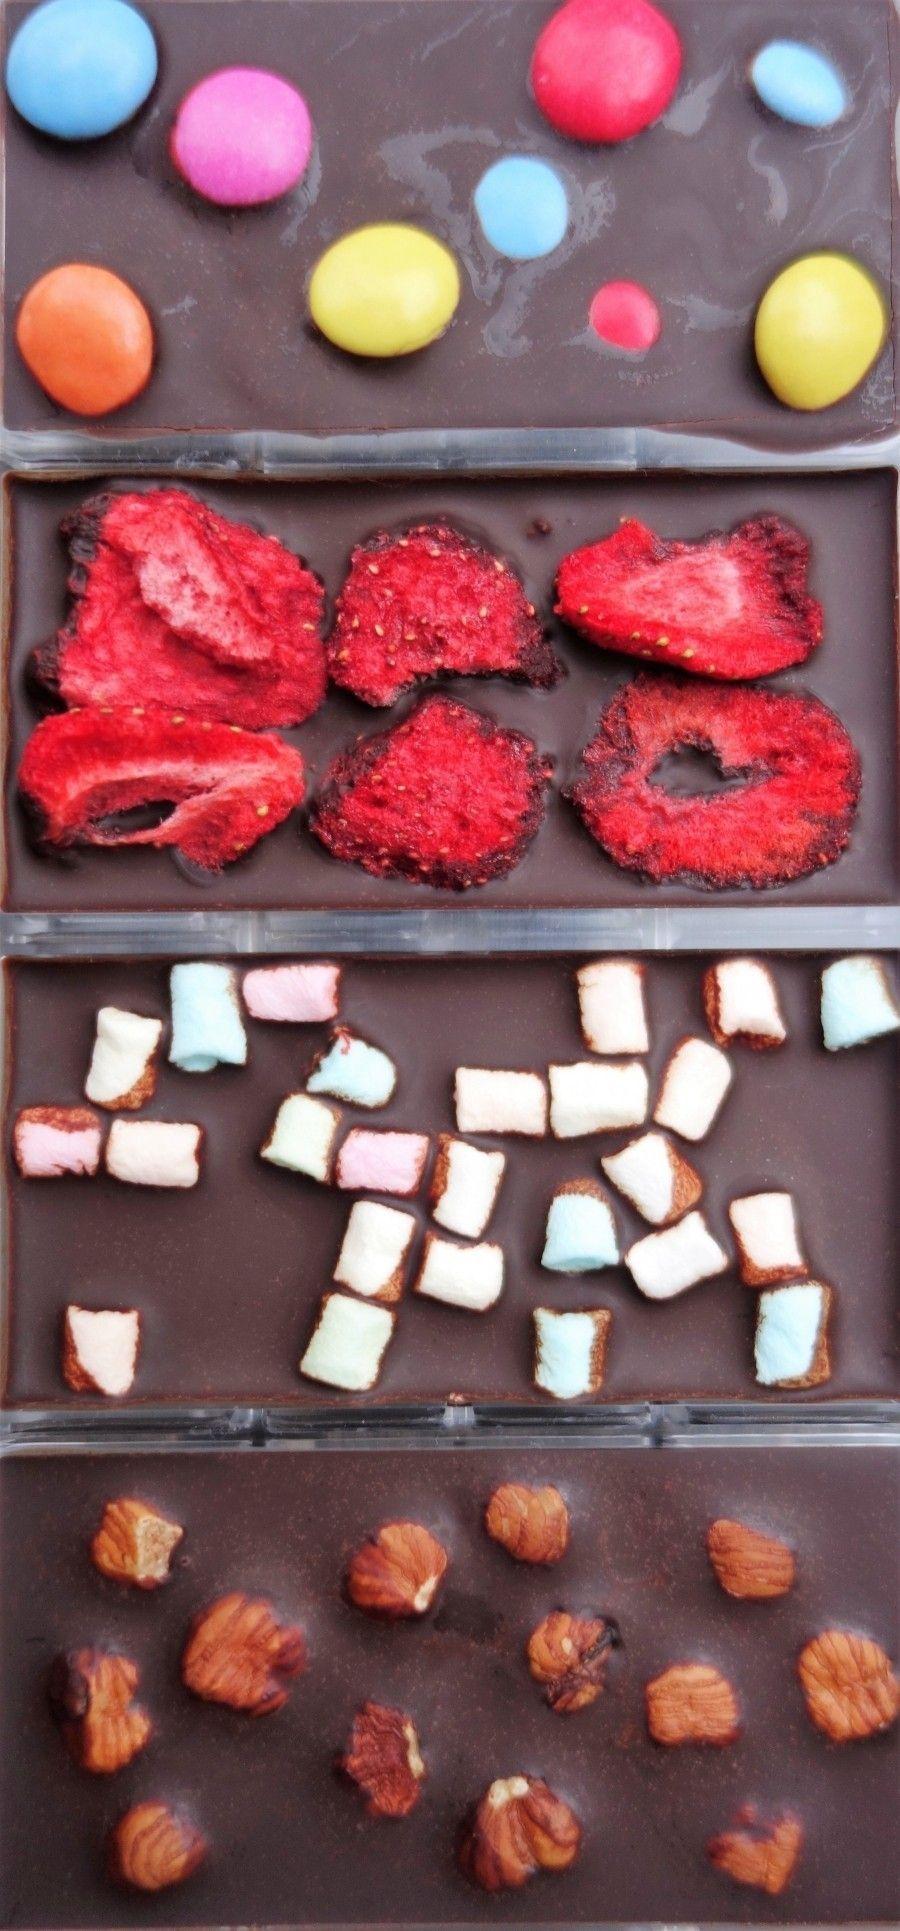 Vegane Schokolade selber machen: Bild 1